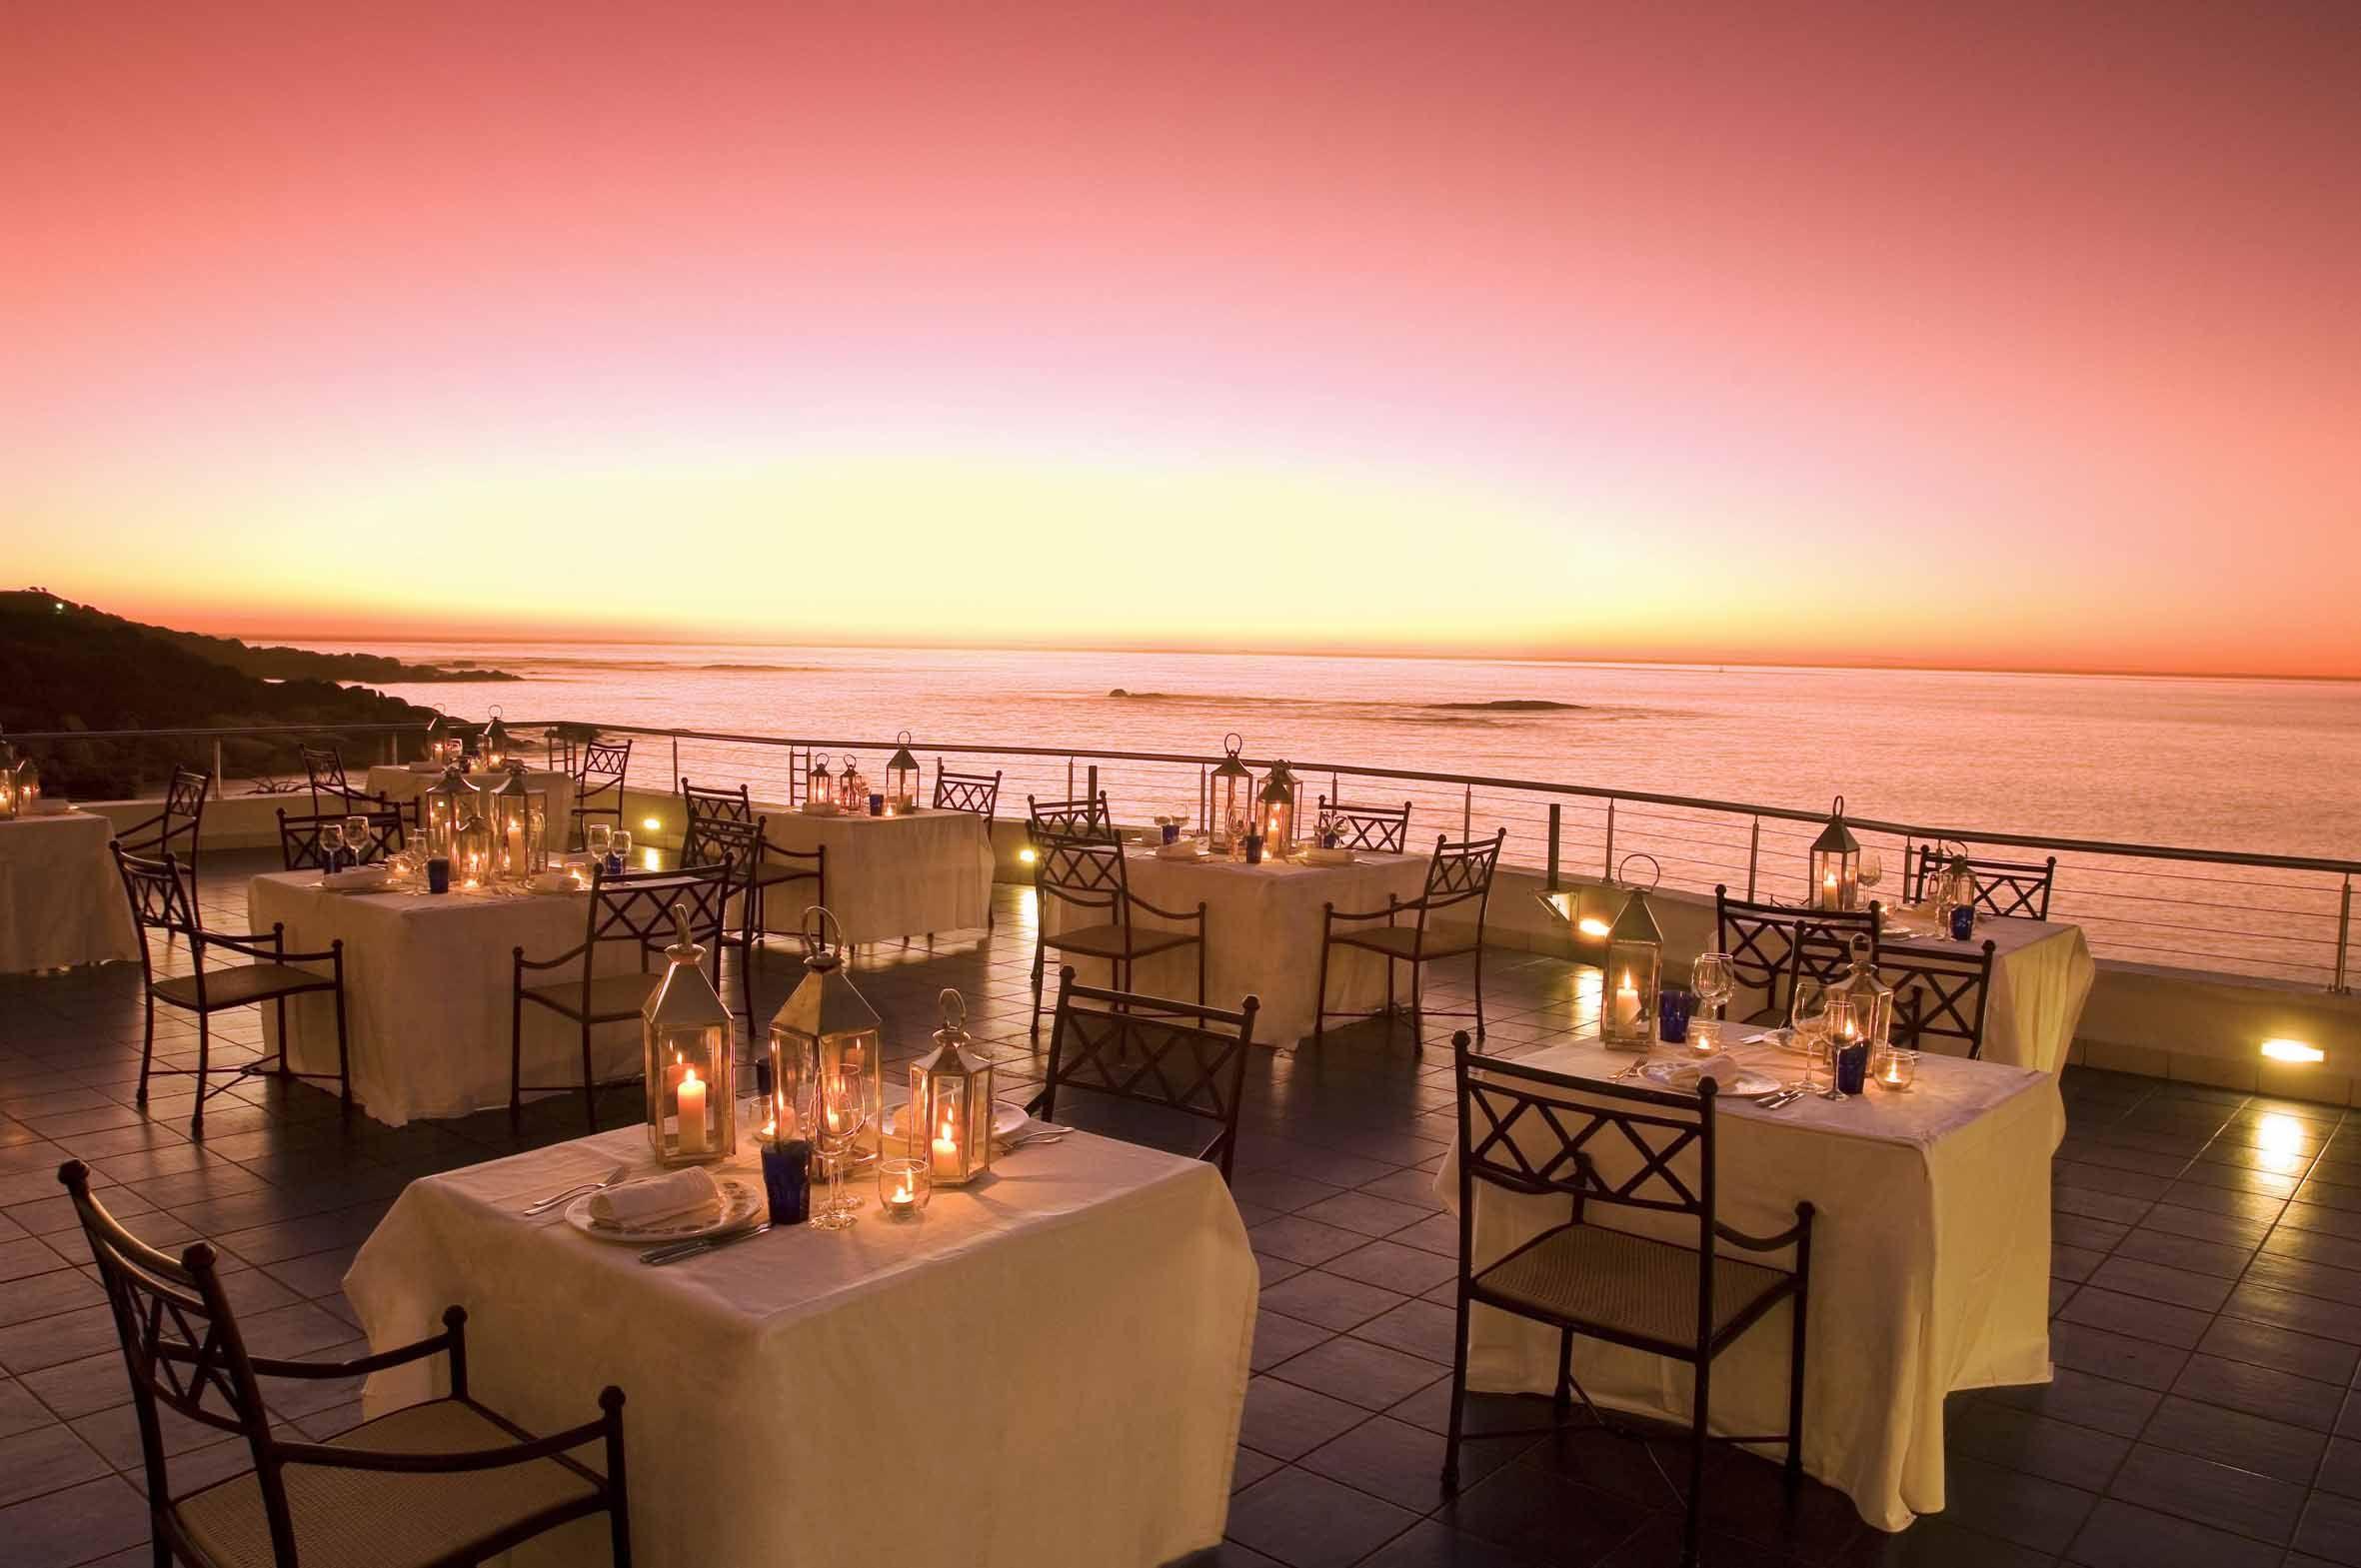 newlands cape town restaurants | pretty | pinterest | south africa